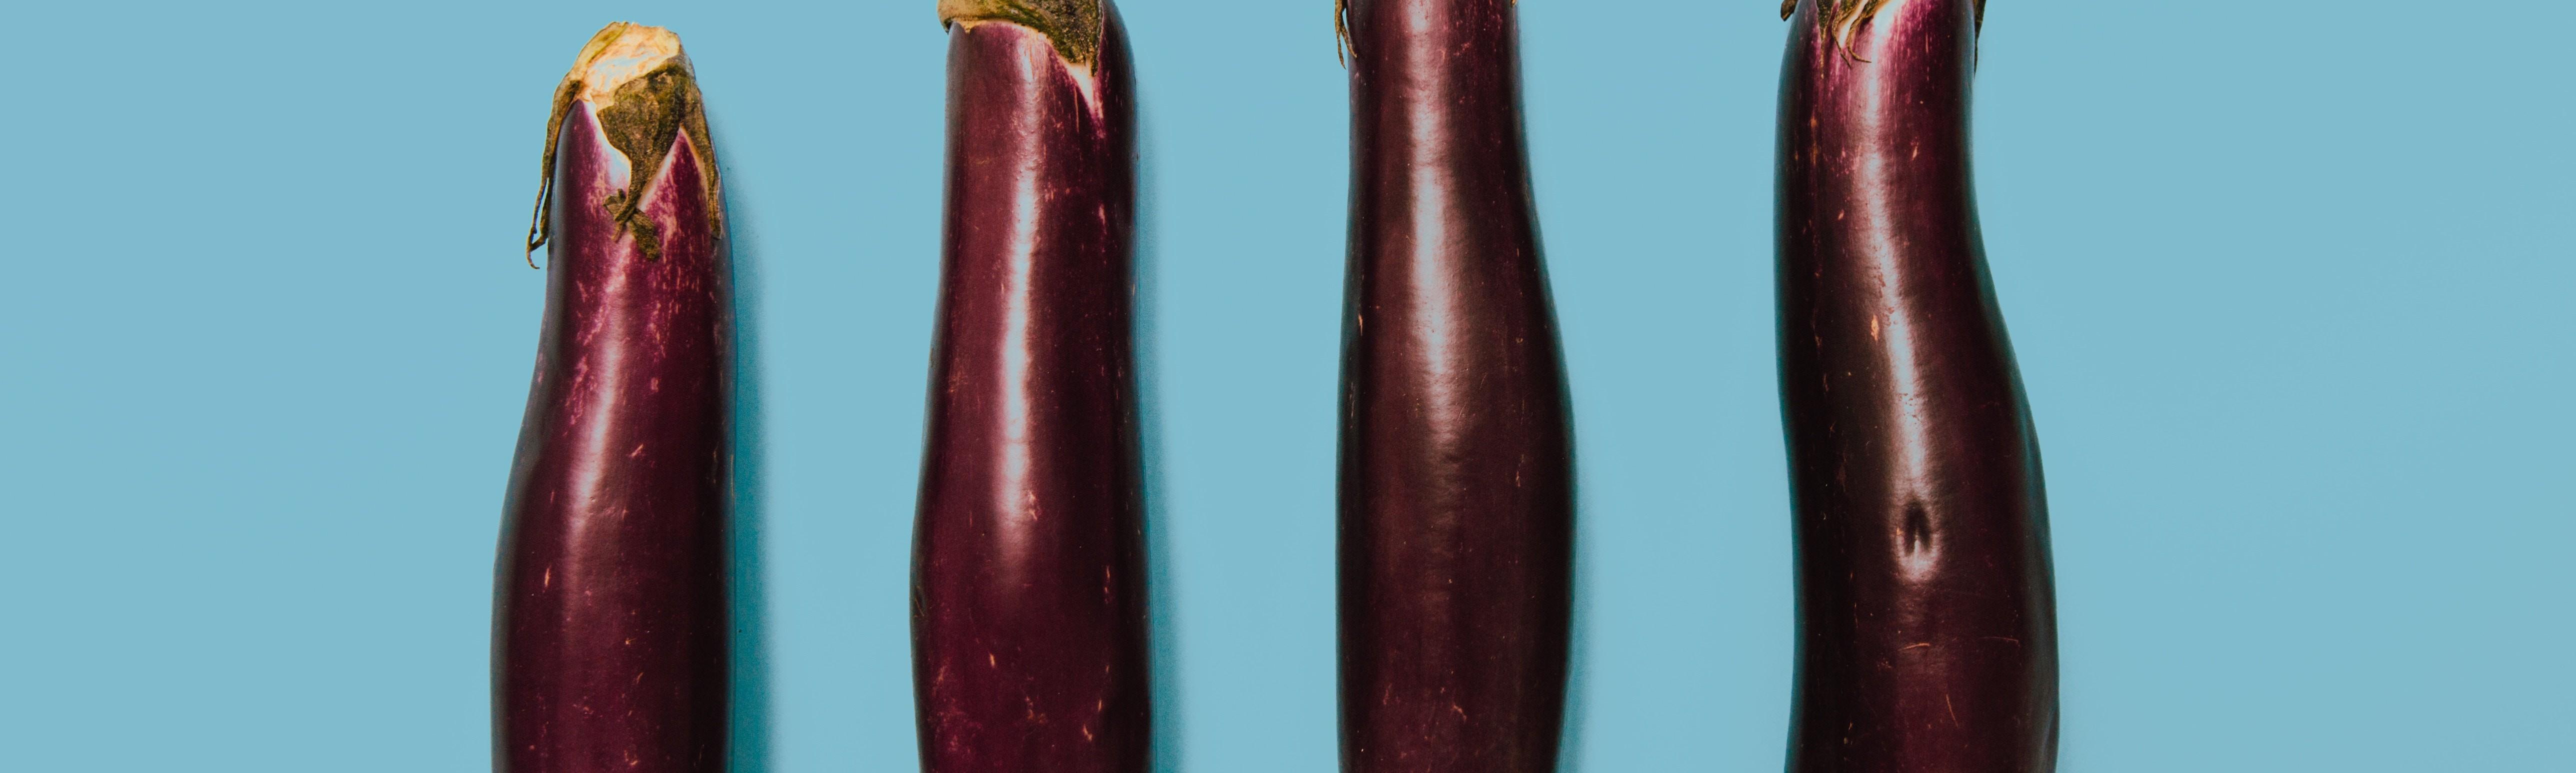 supliment alimentar pentru a spori erecția motive pentru agravarea erecției